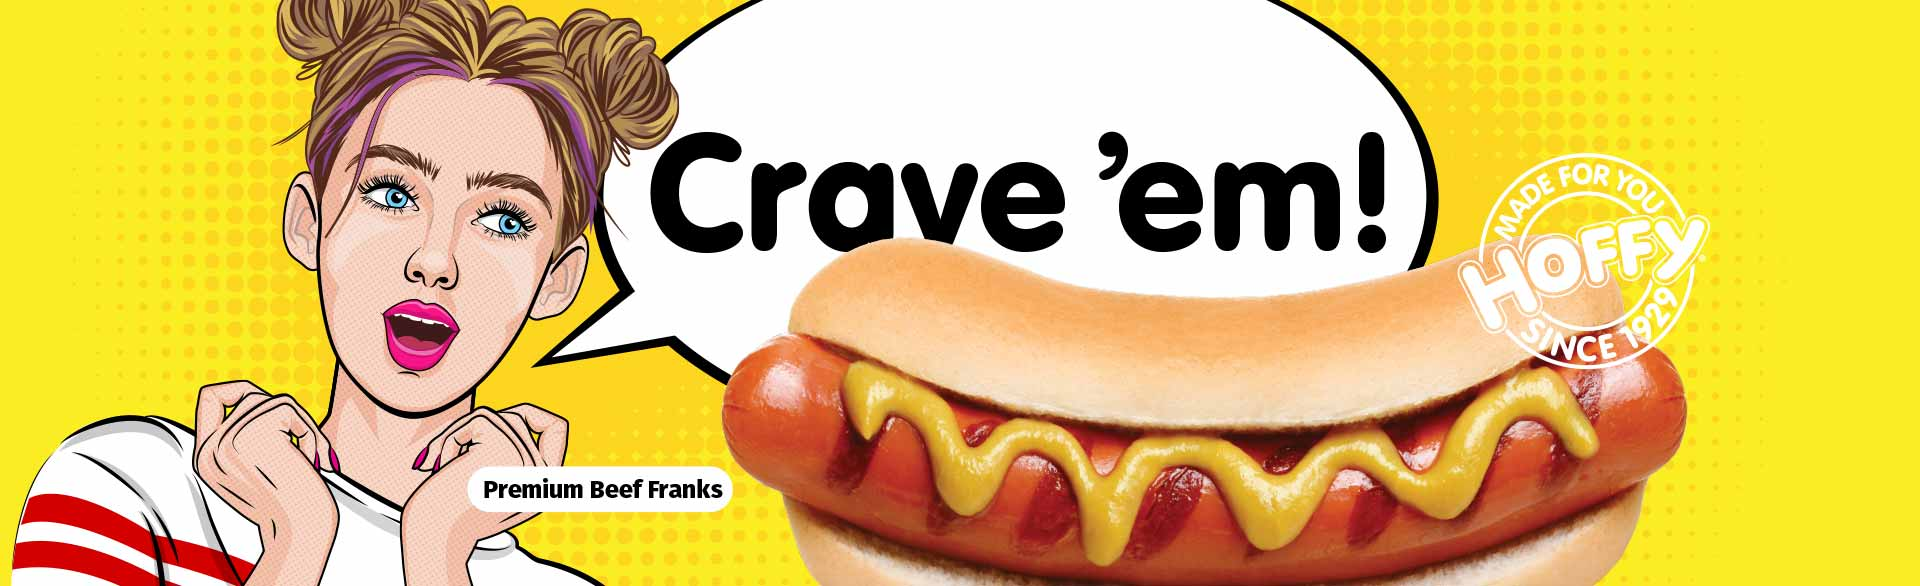 Crave 'em! Premium Beef Franks